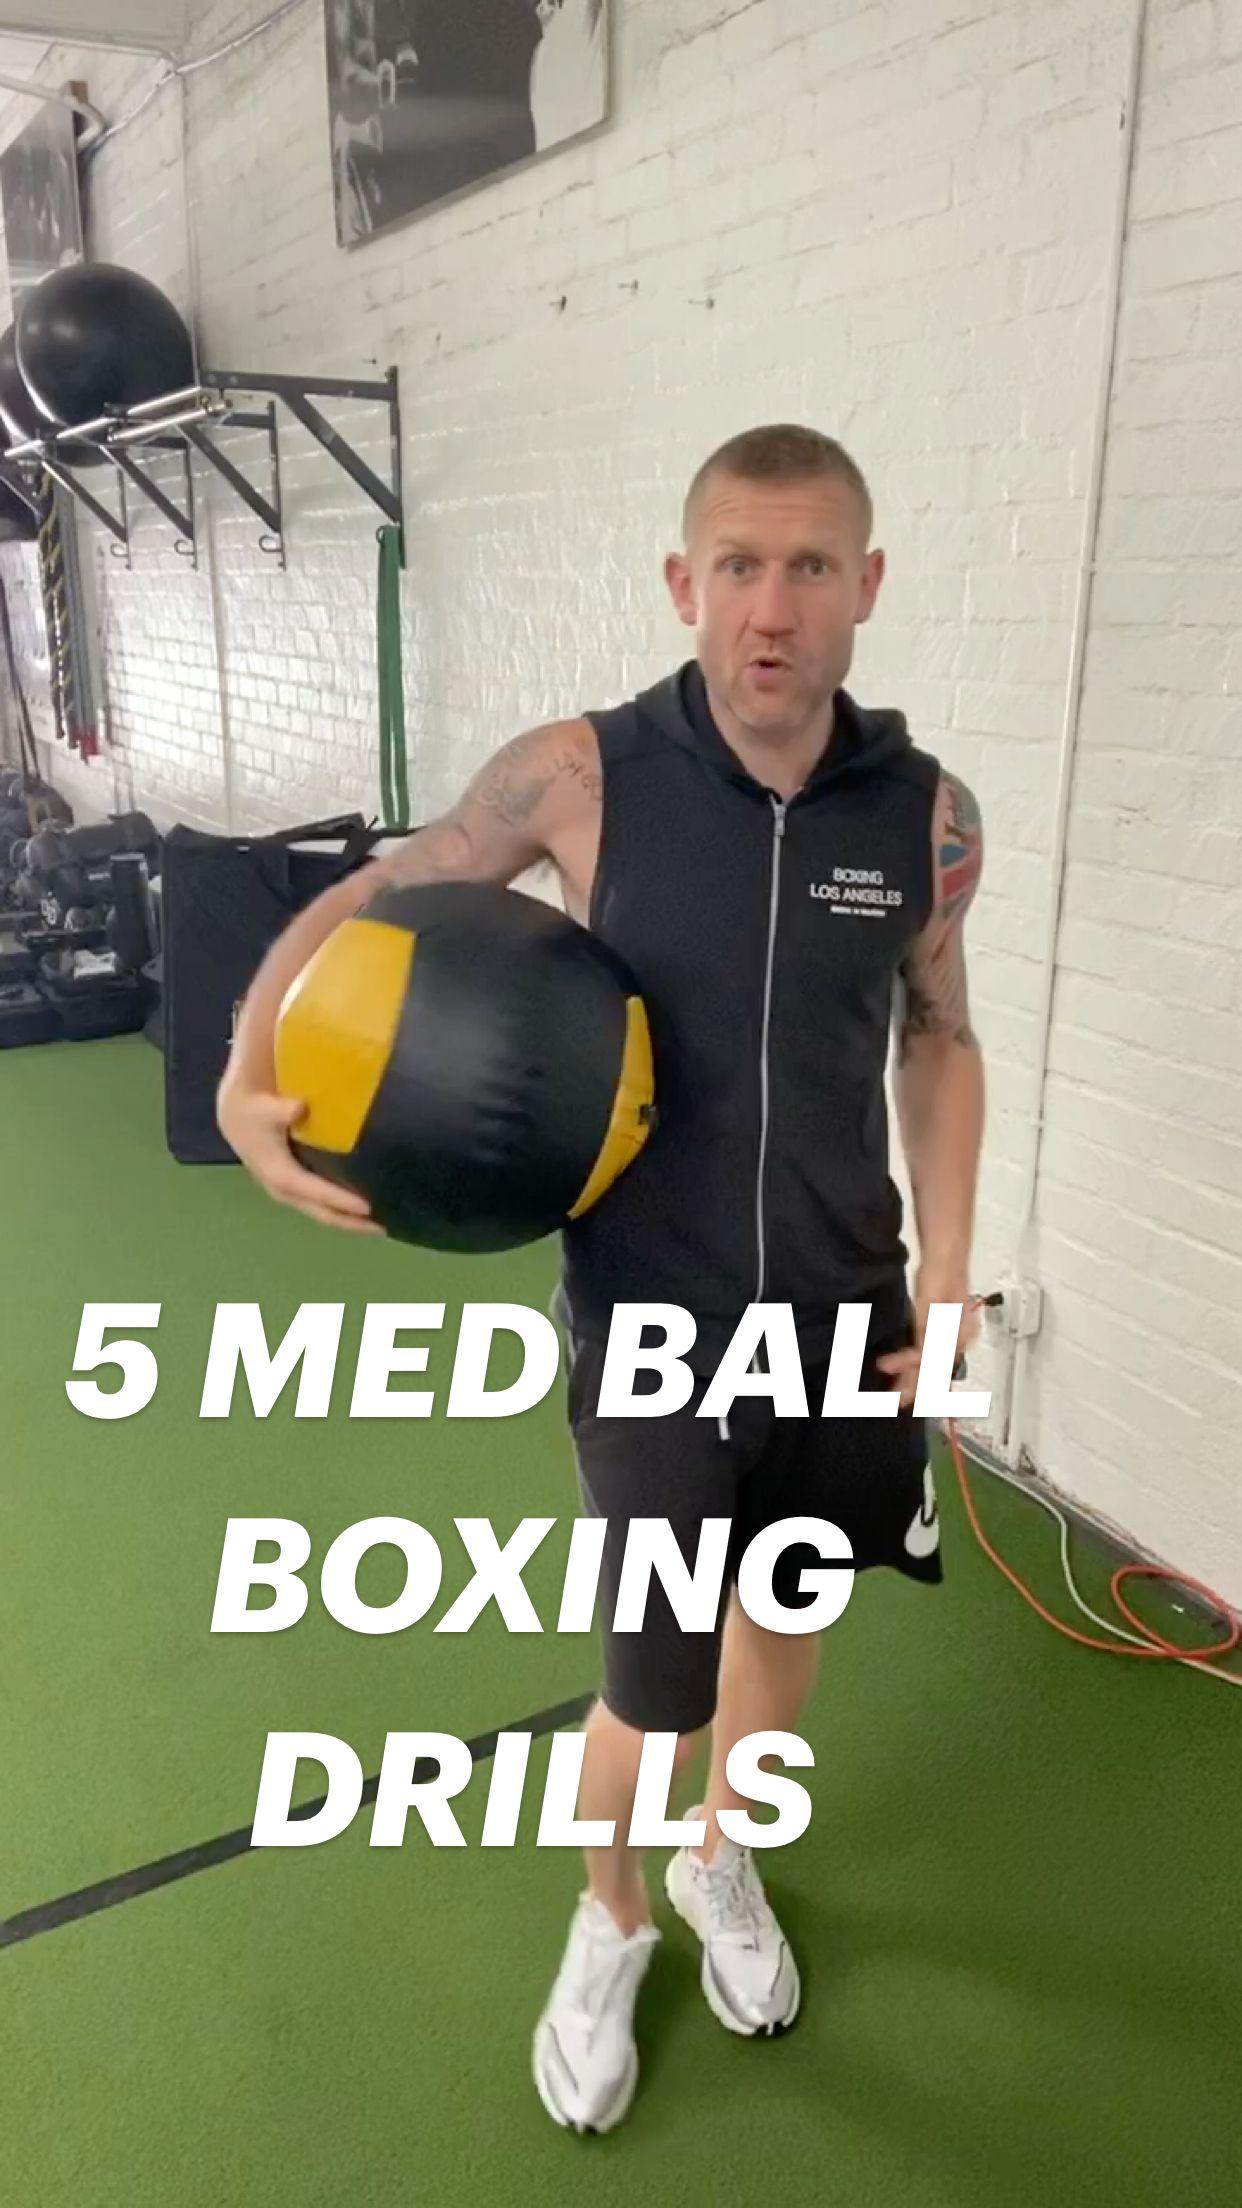 5 MED BALL BOXING DRILLS